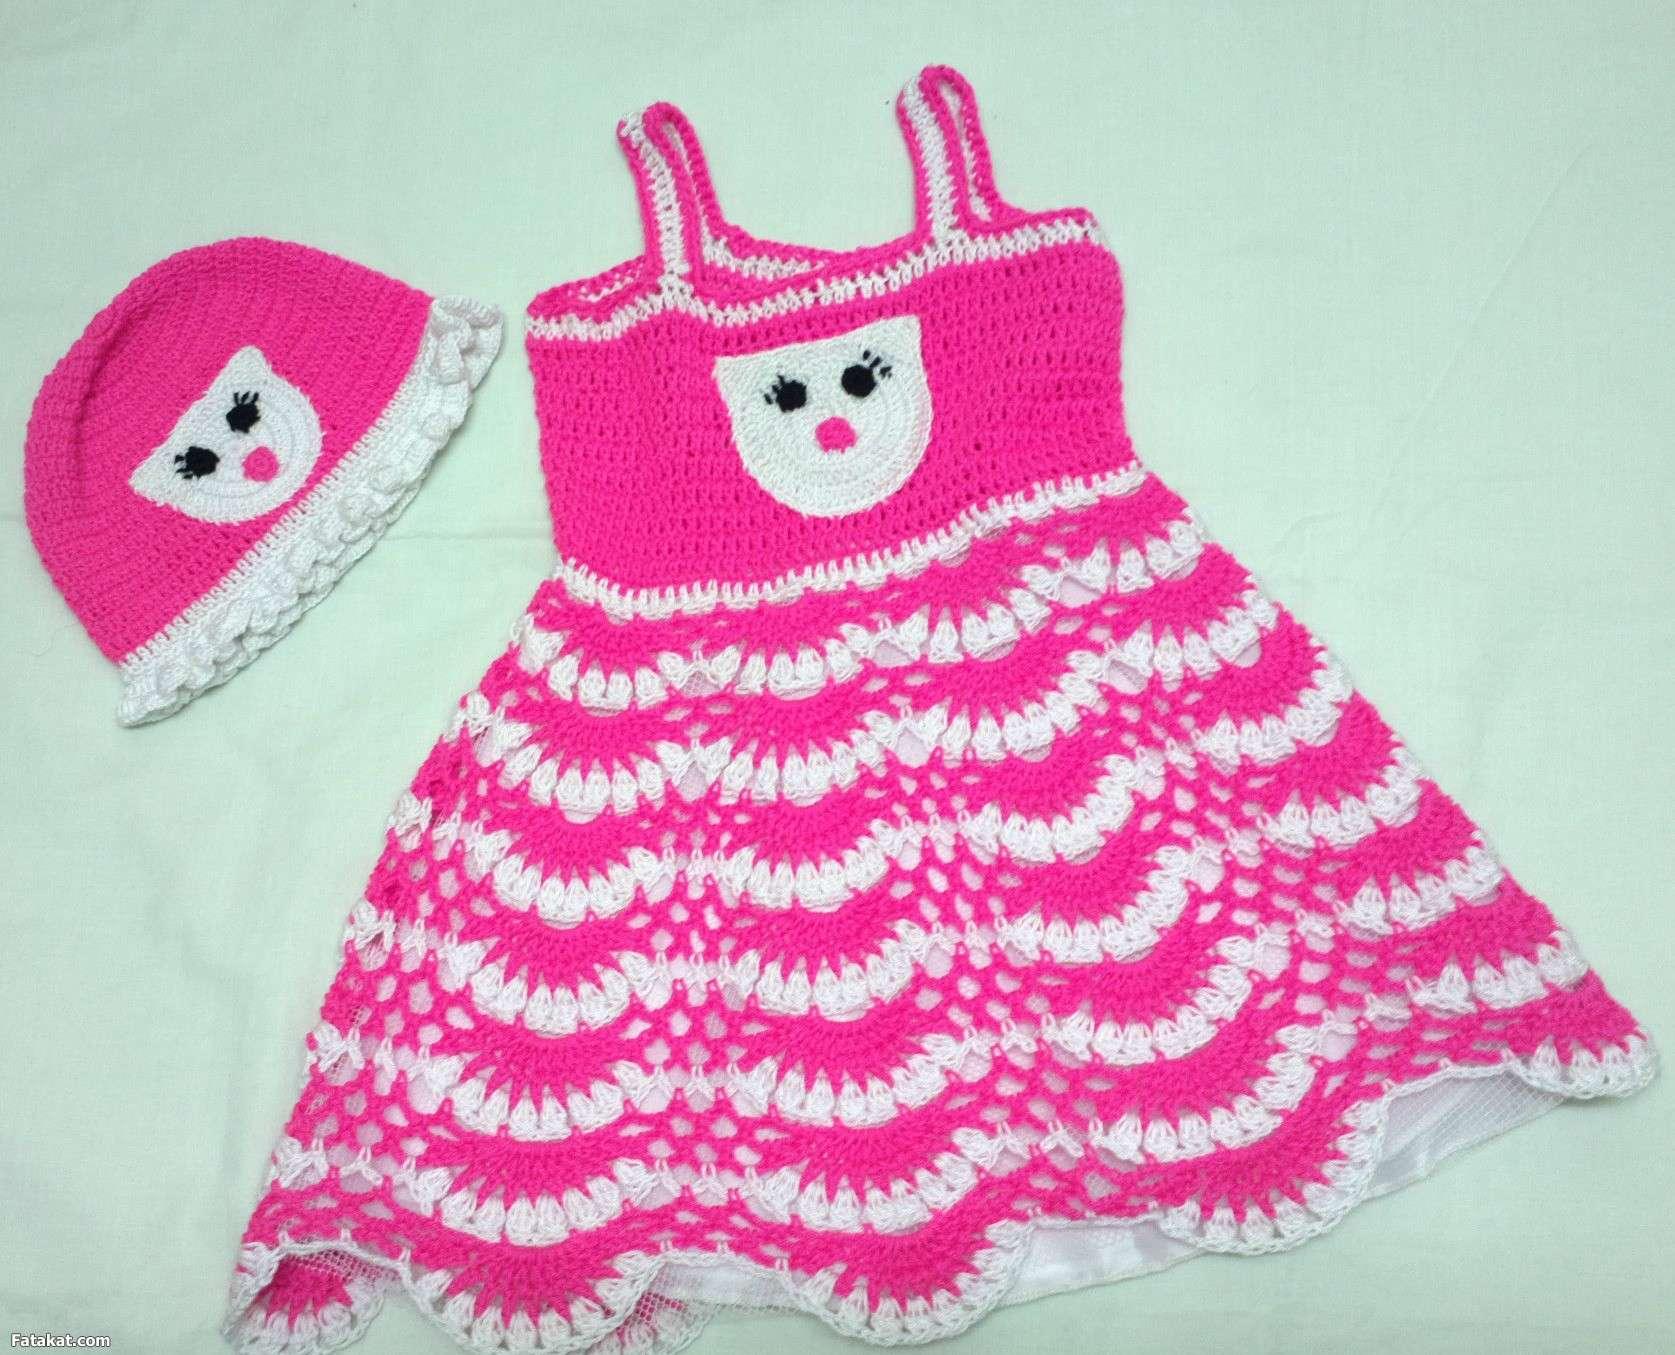 بالصور فساتين كروشيه , اختارى اجمل فستان كروشية لبنوتك 2814 12